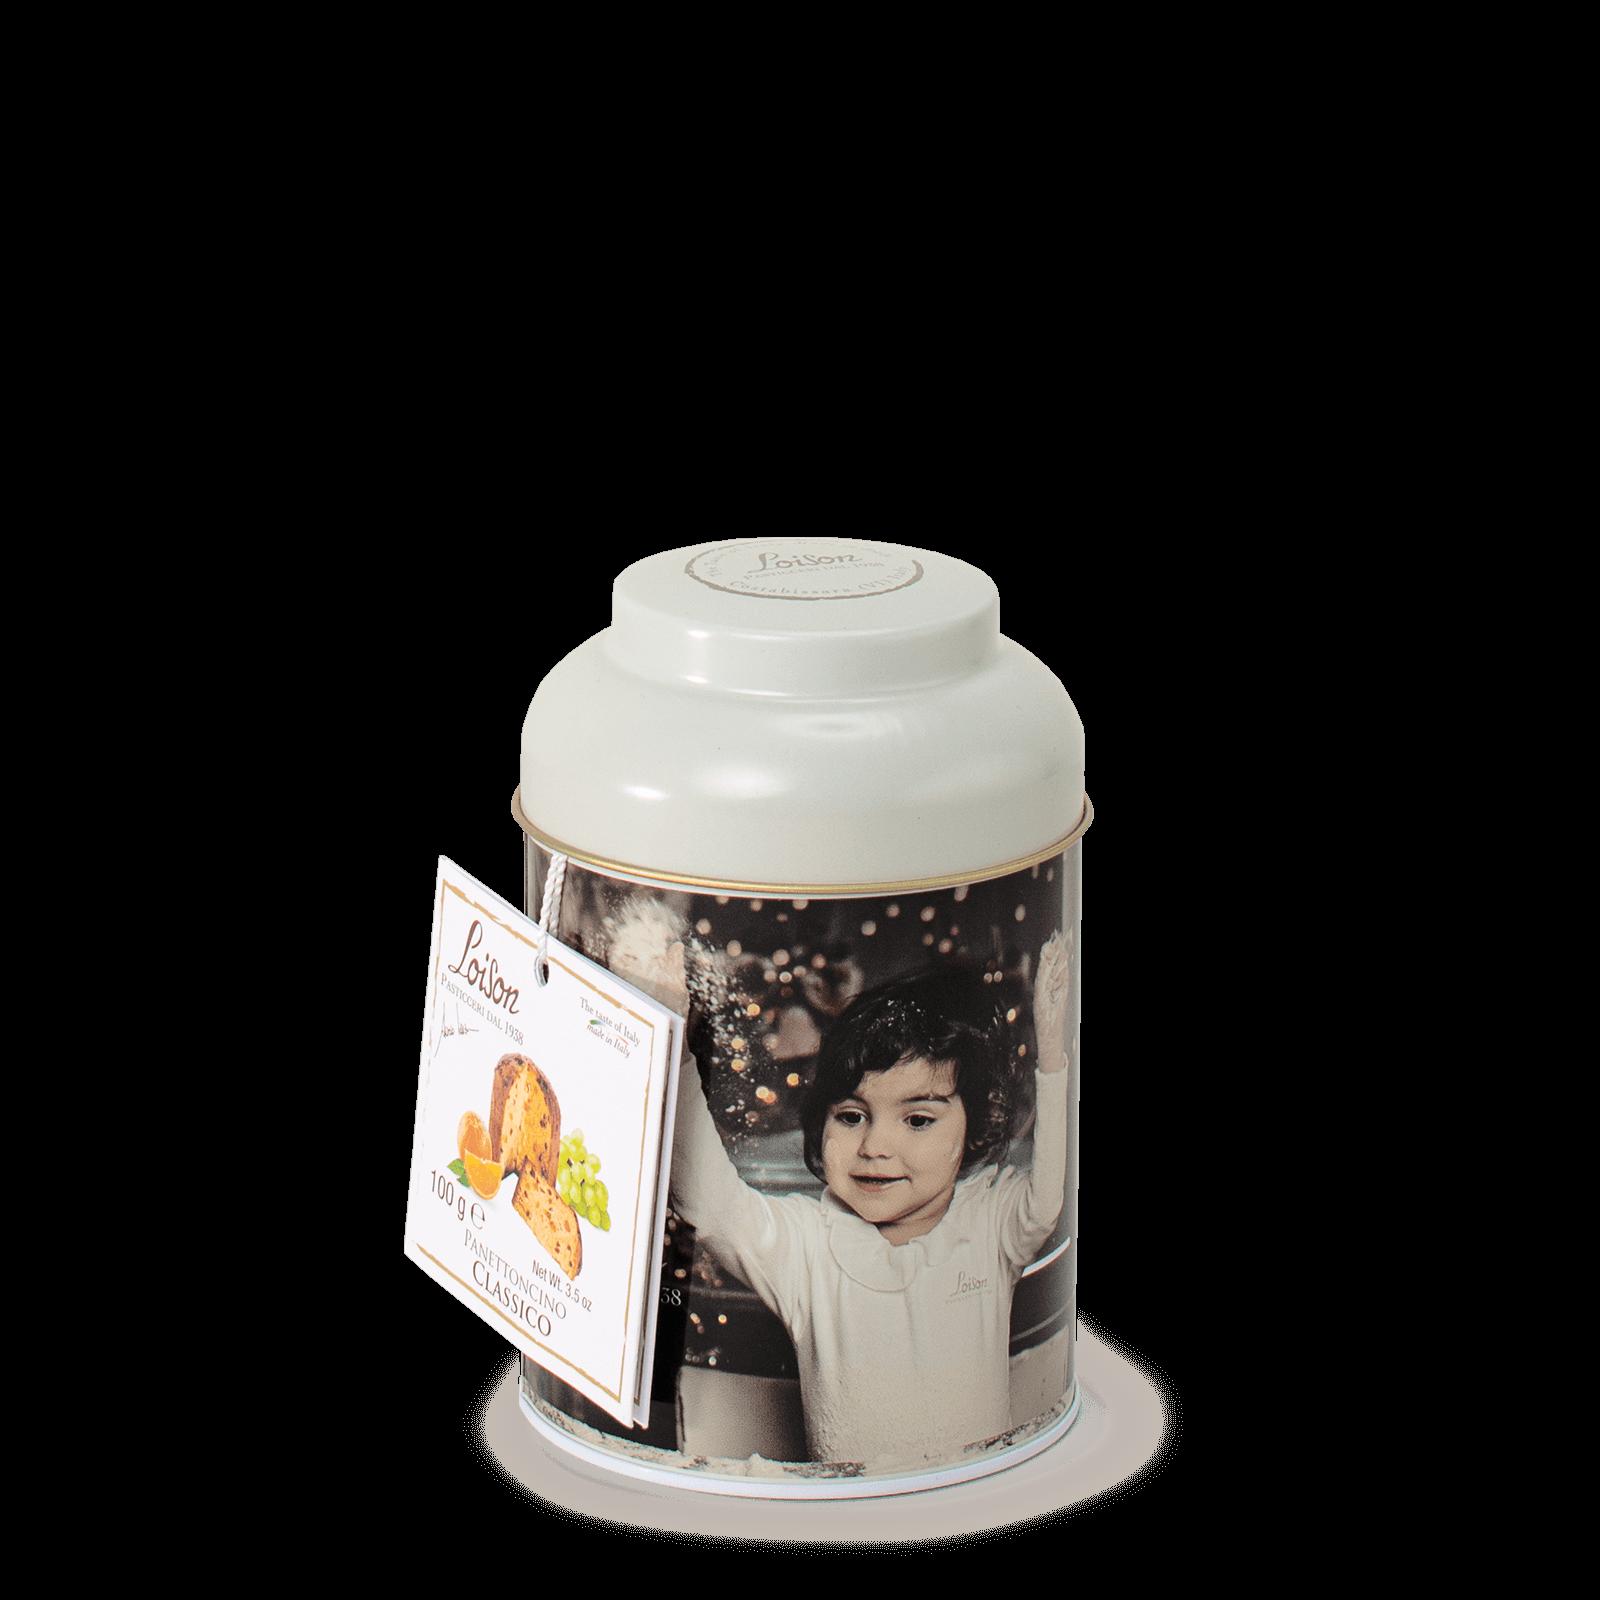 Panettoncino Classico Mignon in latta Loison